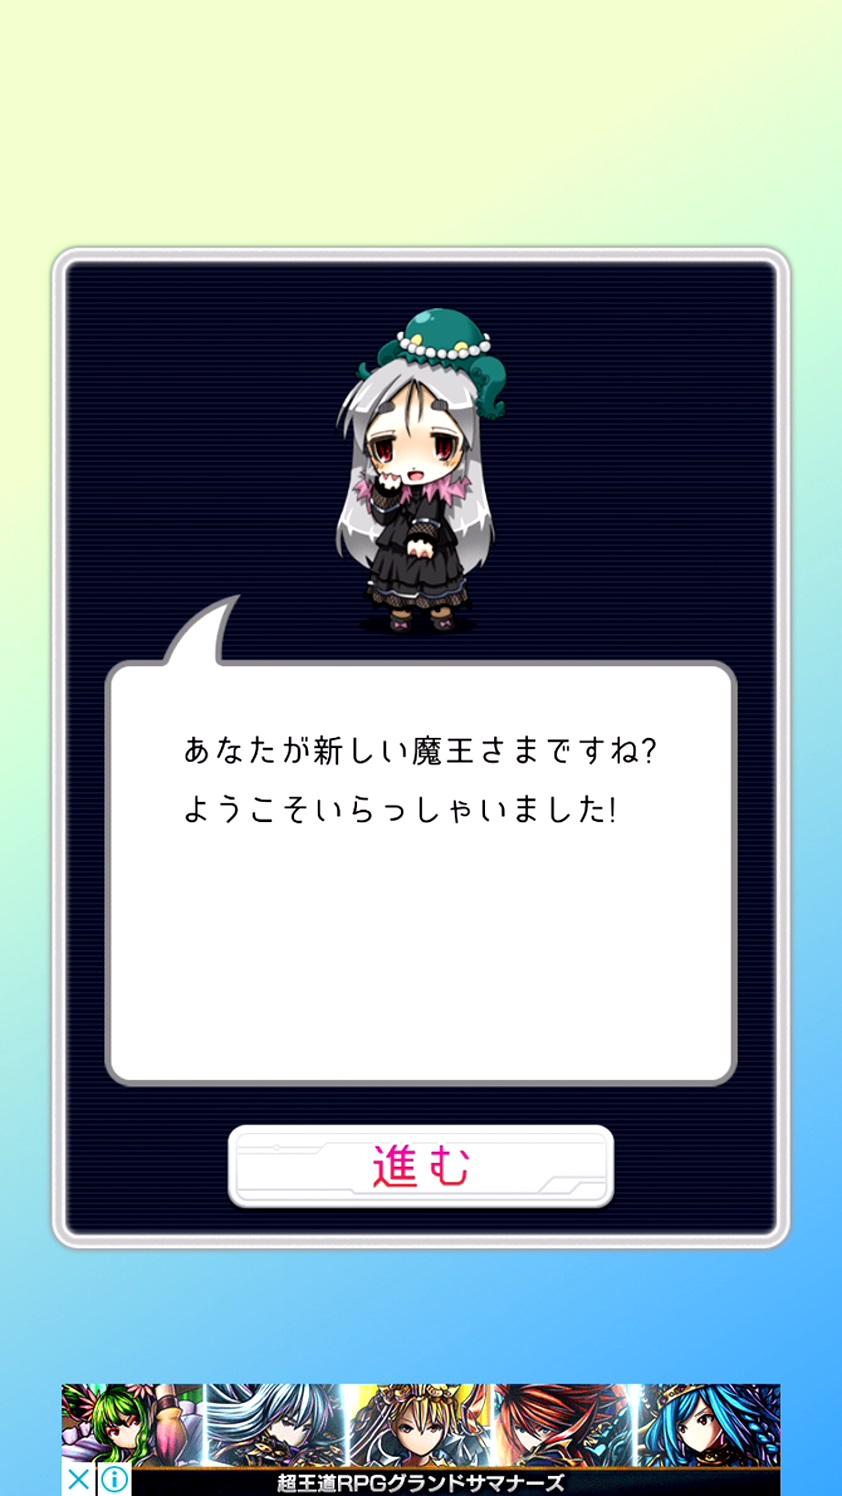 androidアプリ [日本のみなさんさようなら]~ゼロから始める魔王生活~攻略スクリーンショット2